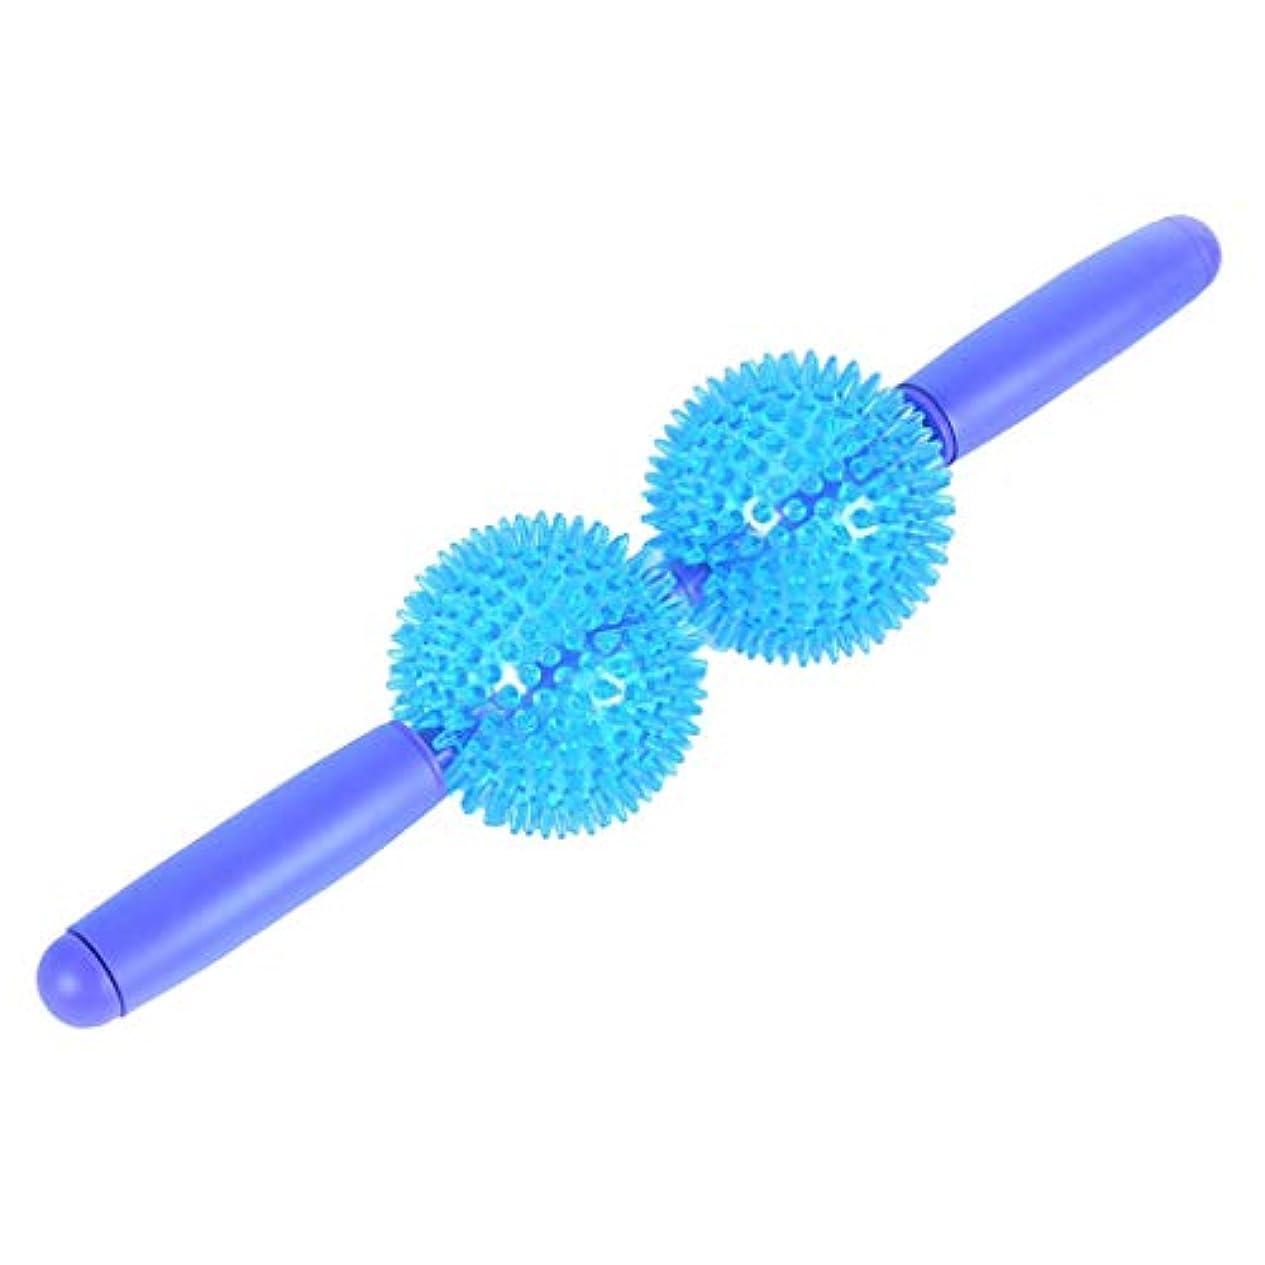 二層アンプ決して柔らかい ボール付 筋肉マッサージ マッサージローラー マッサージ棒